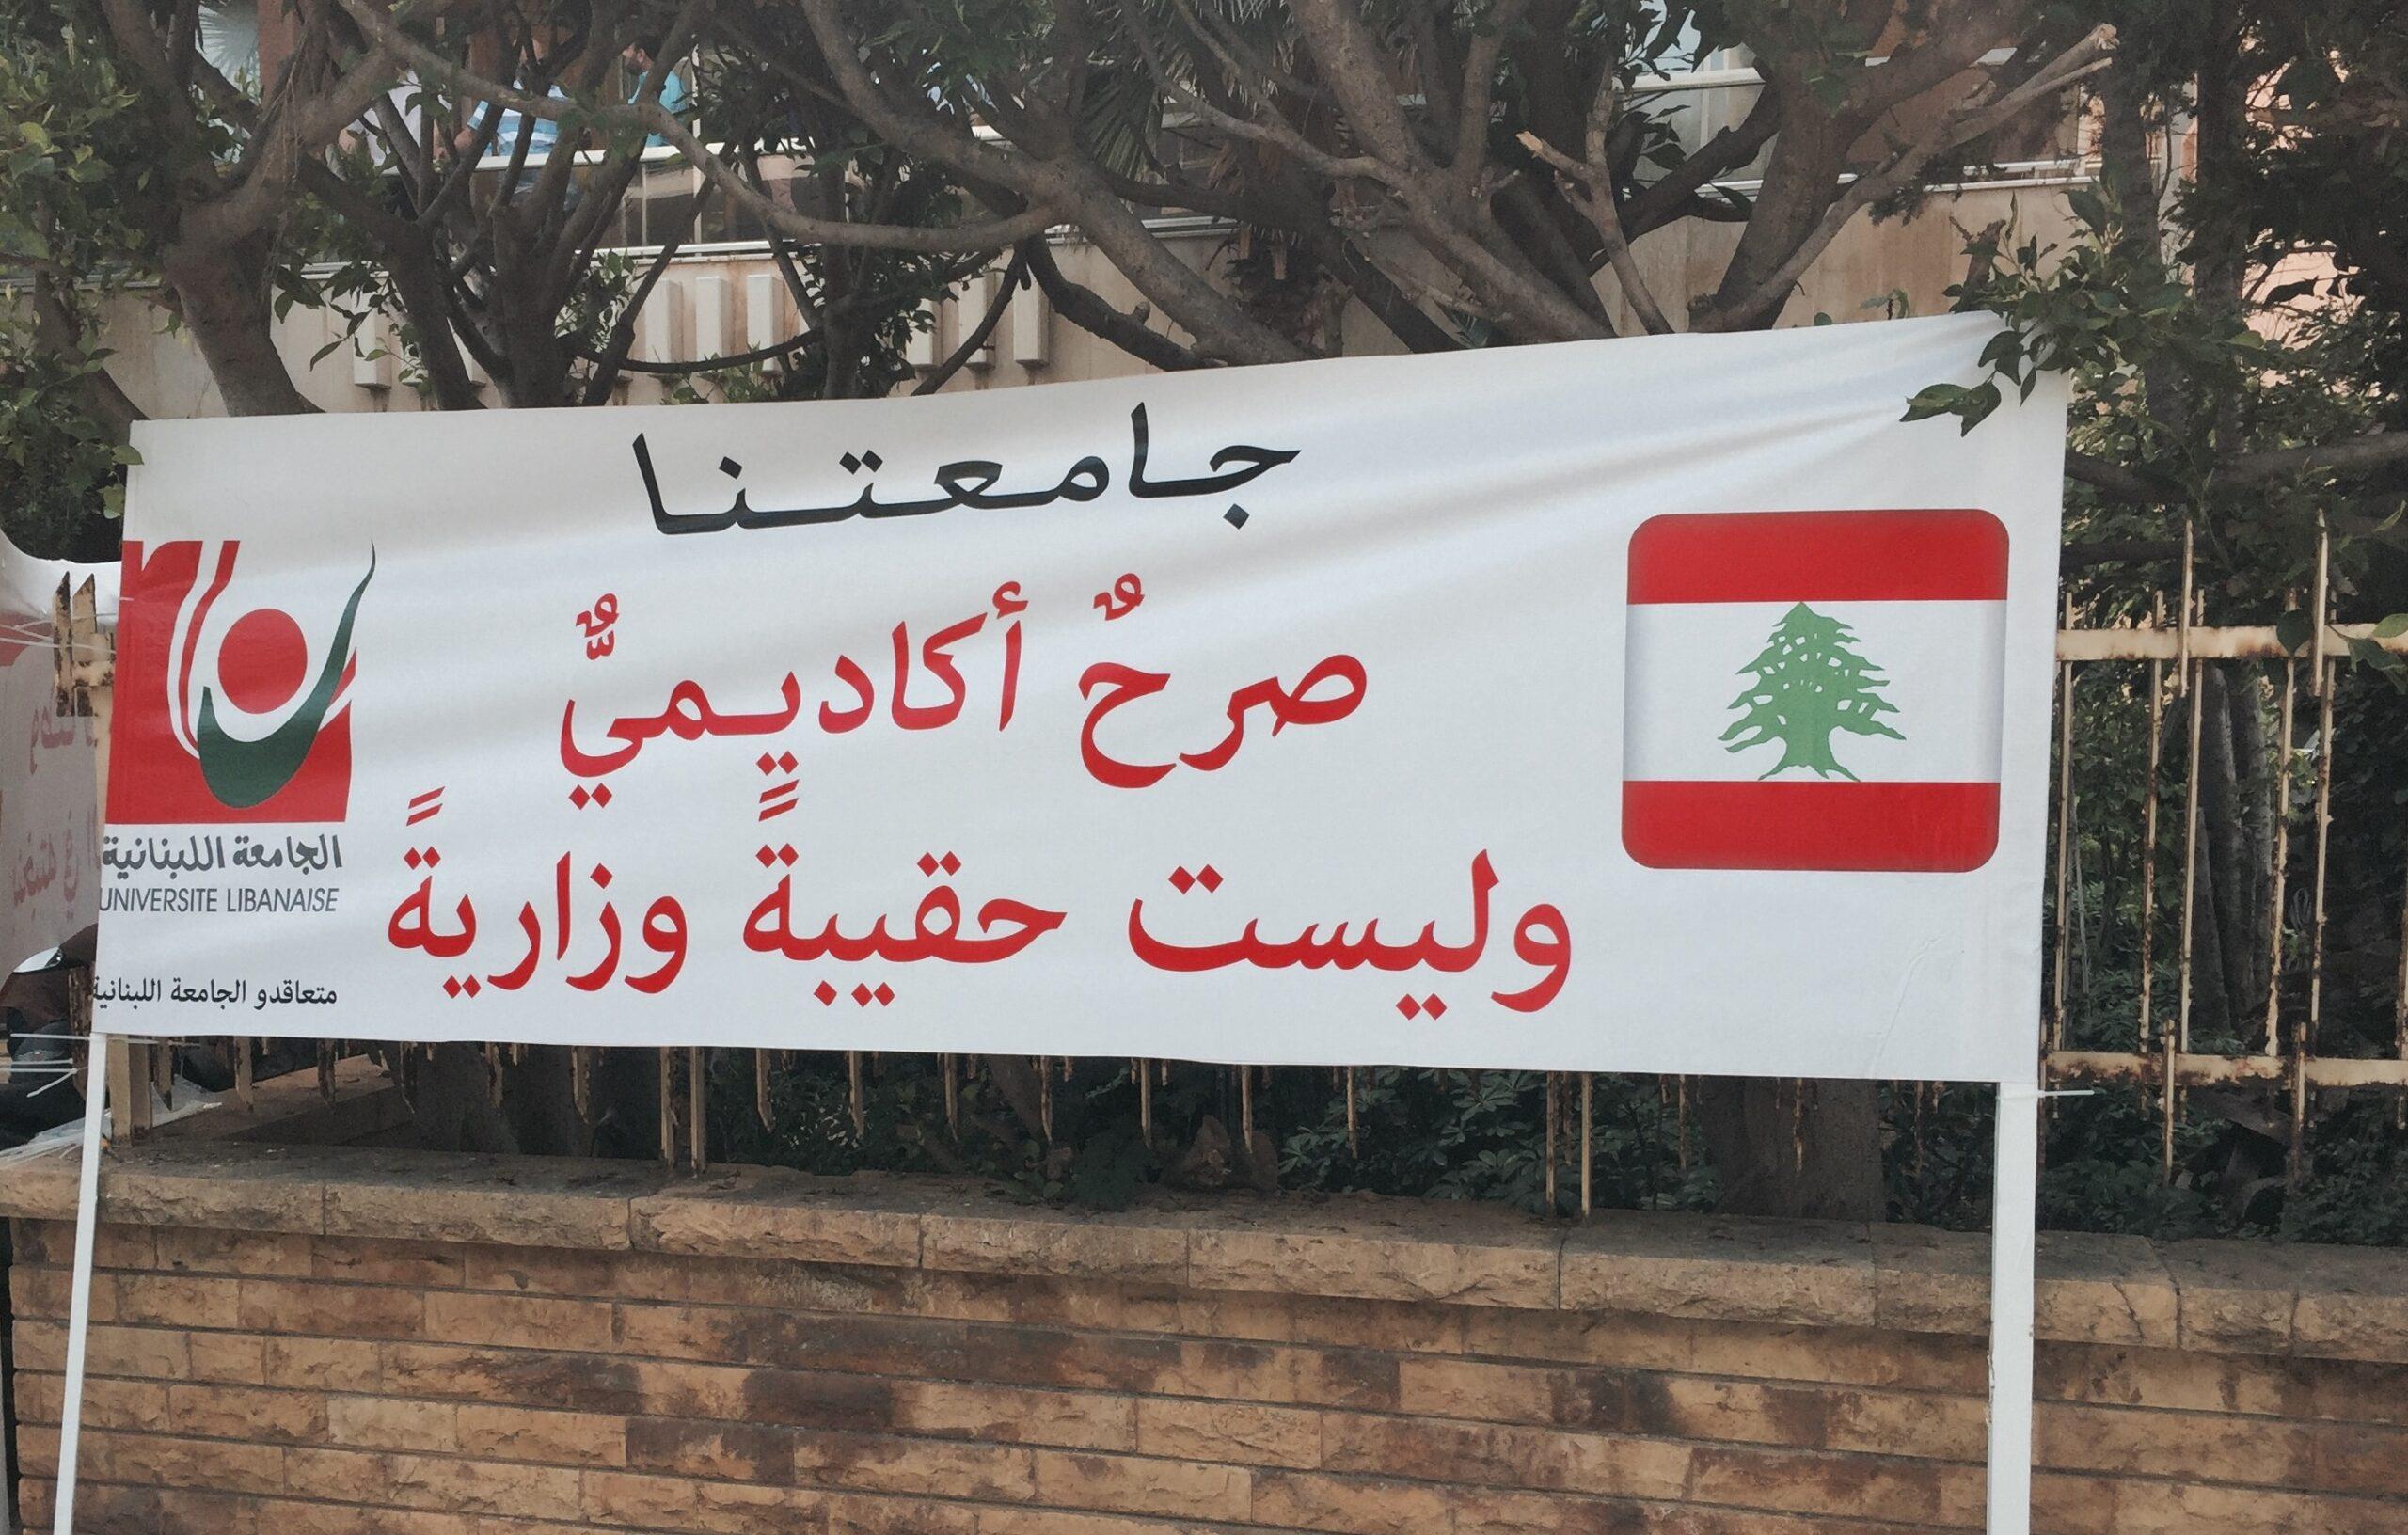 الجامعة اللبنانية من خلال مطالب أساتذتها: قراءة أولية